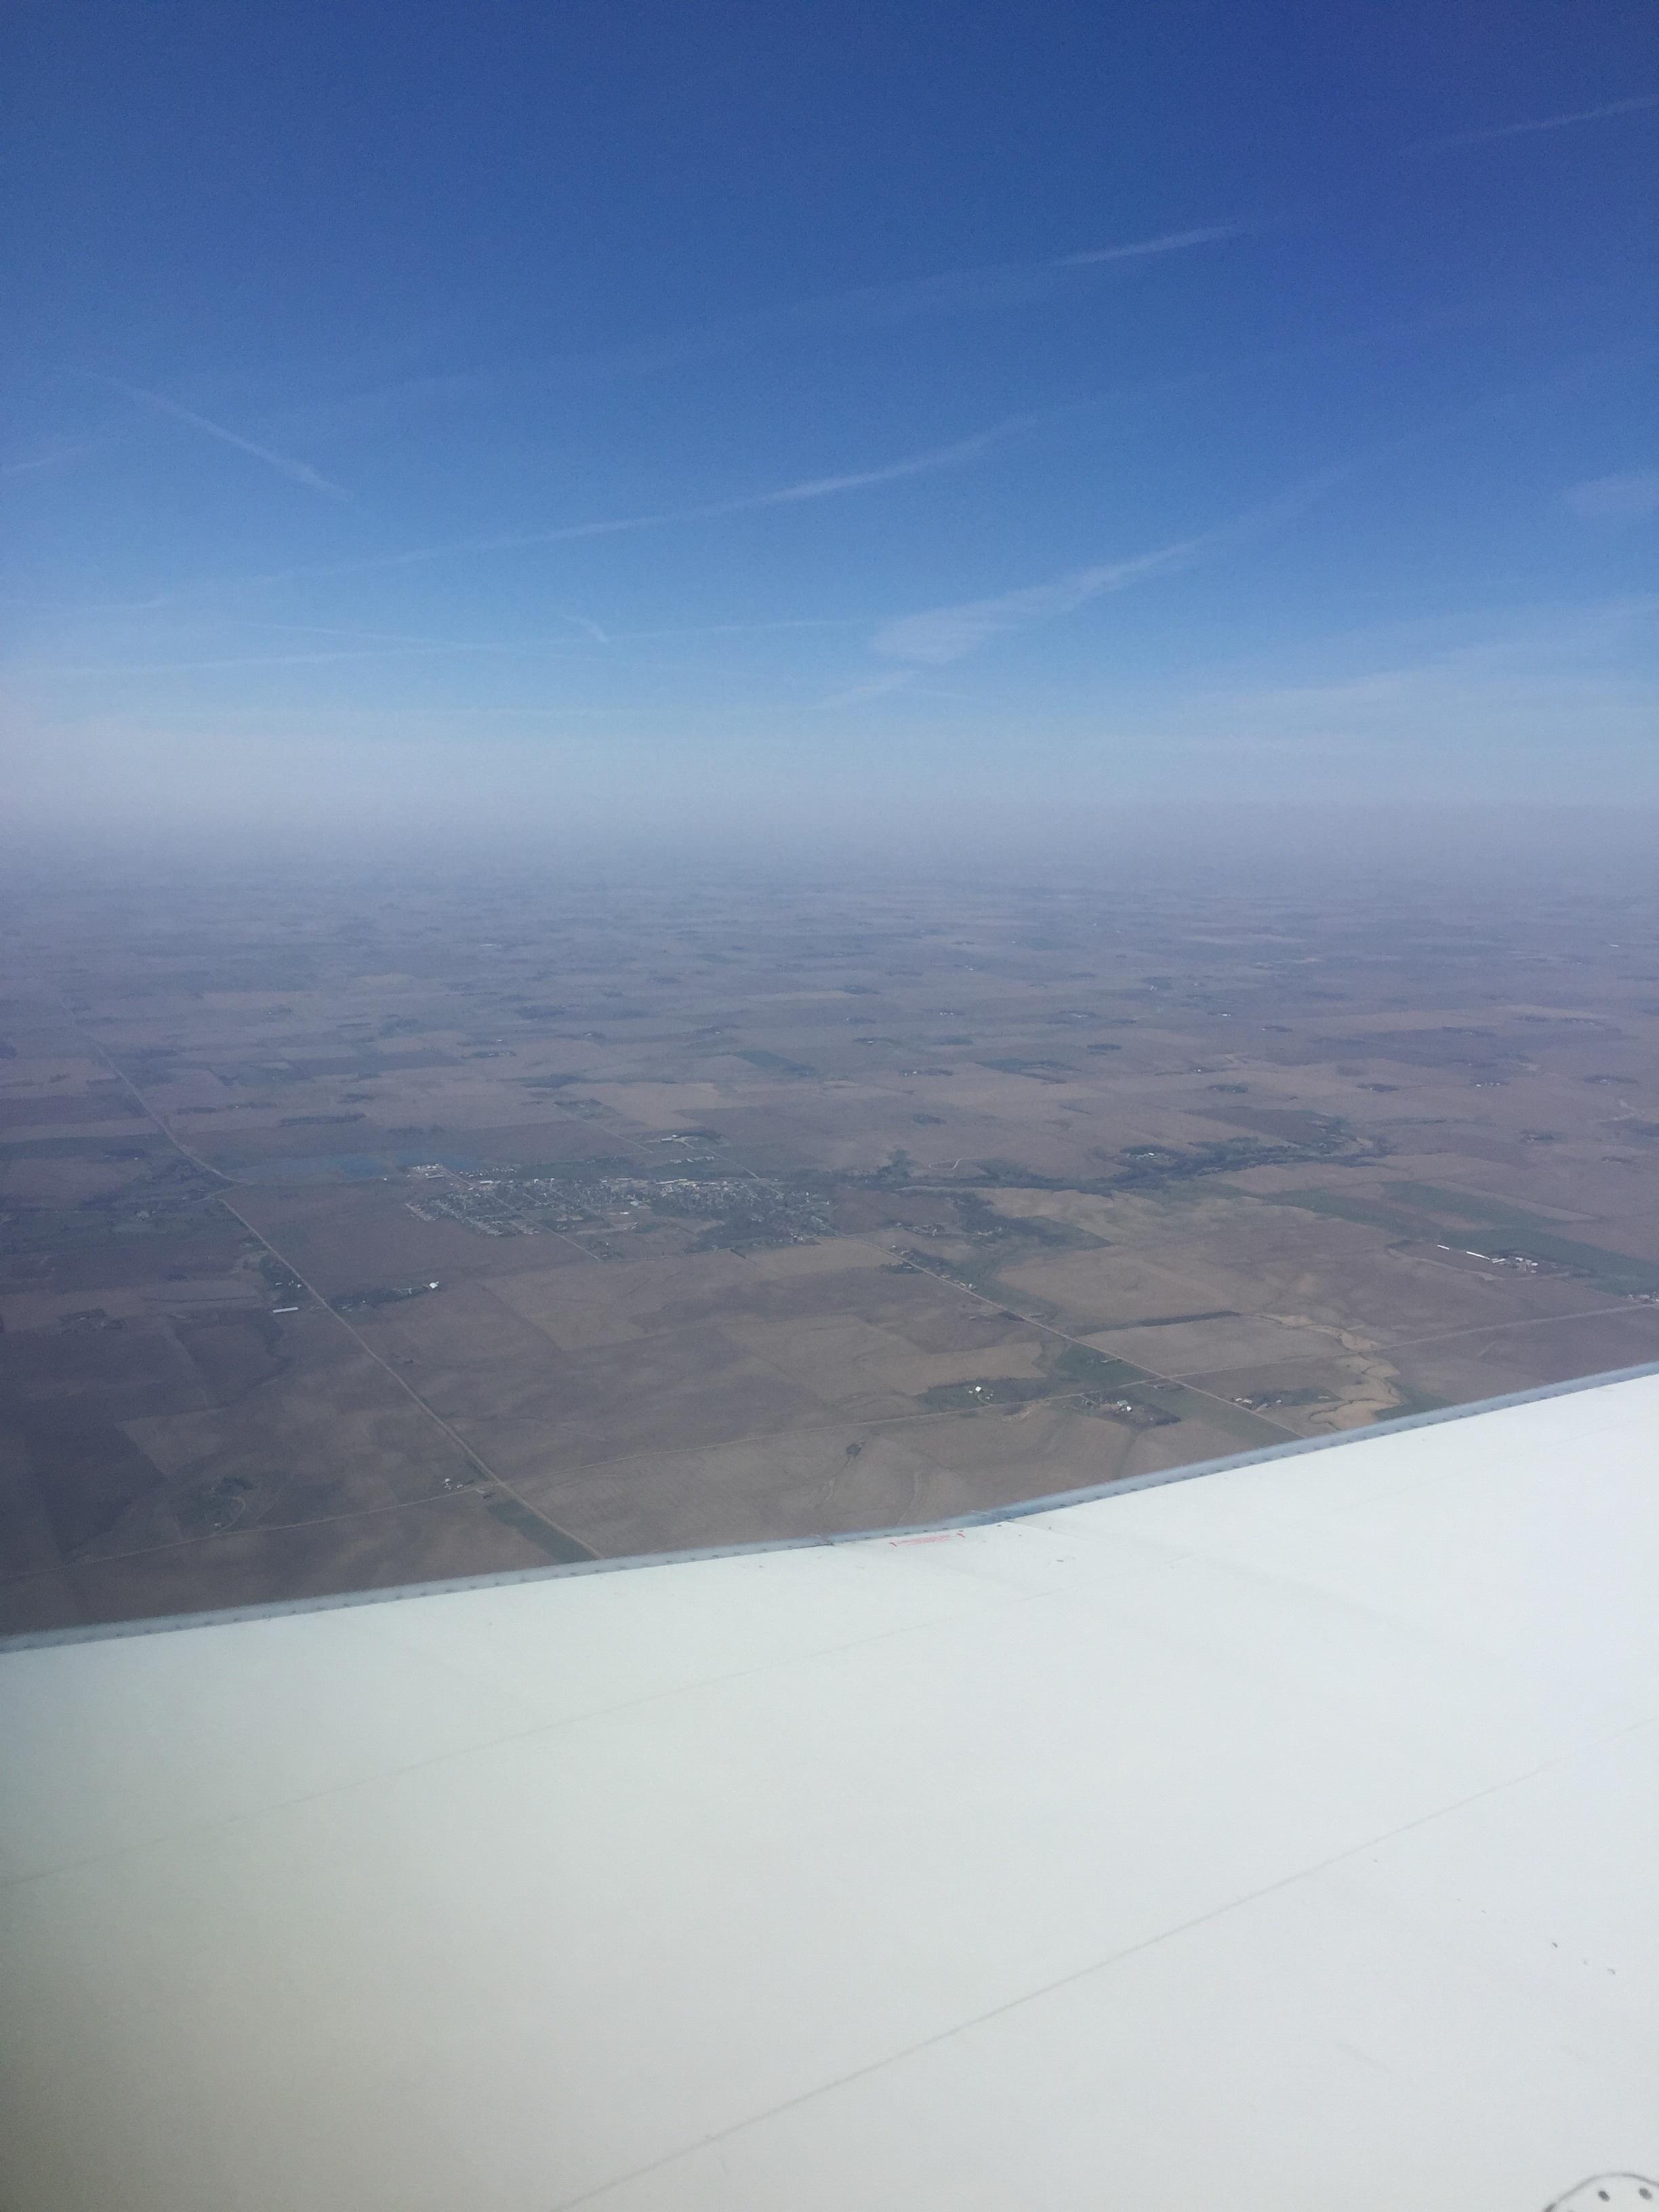 Somewhere over Souix Falls South Dakota